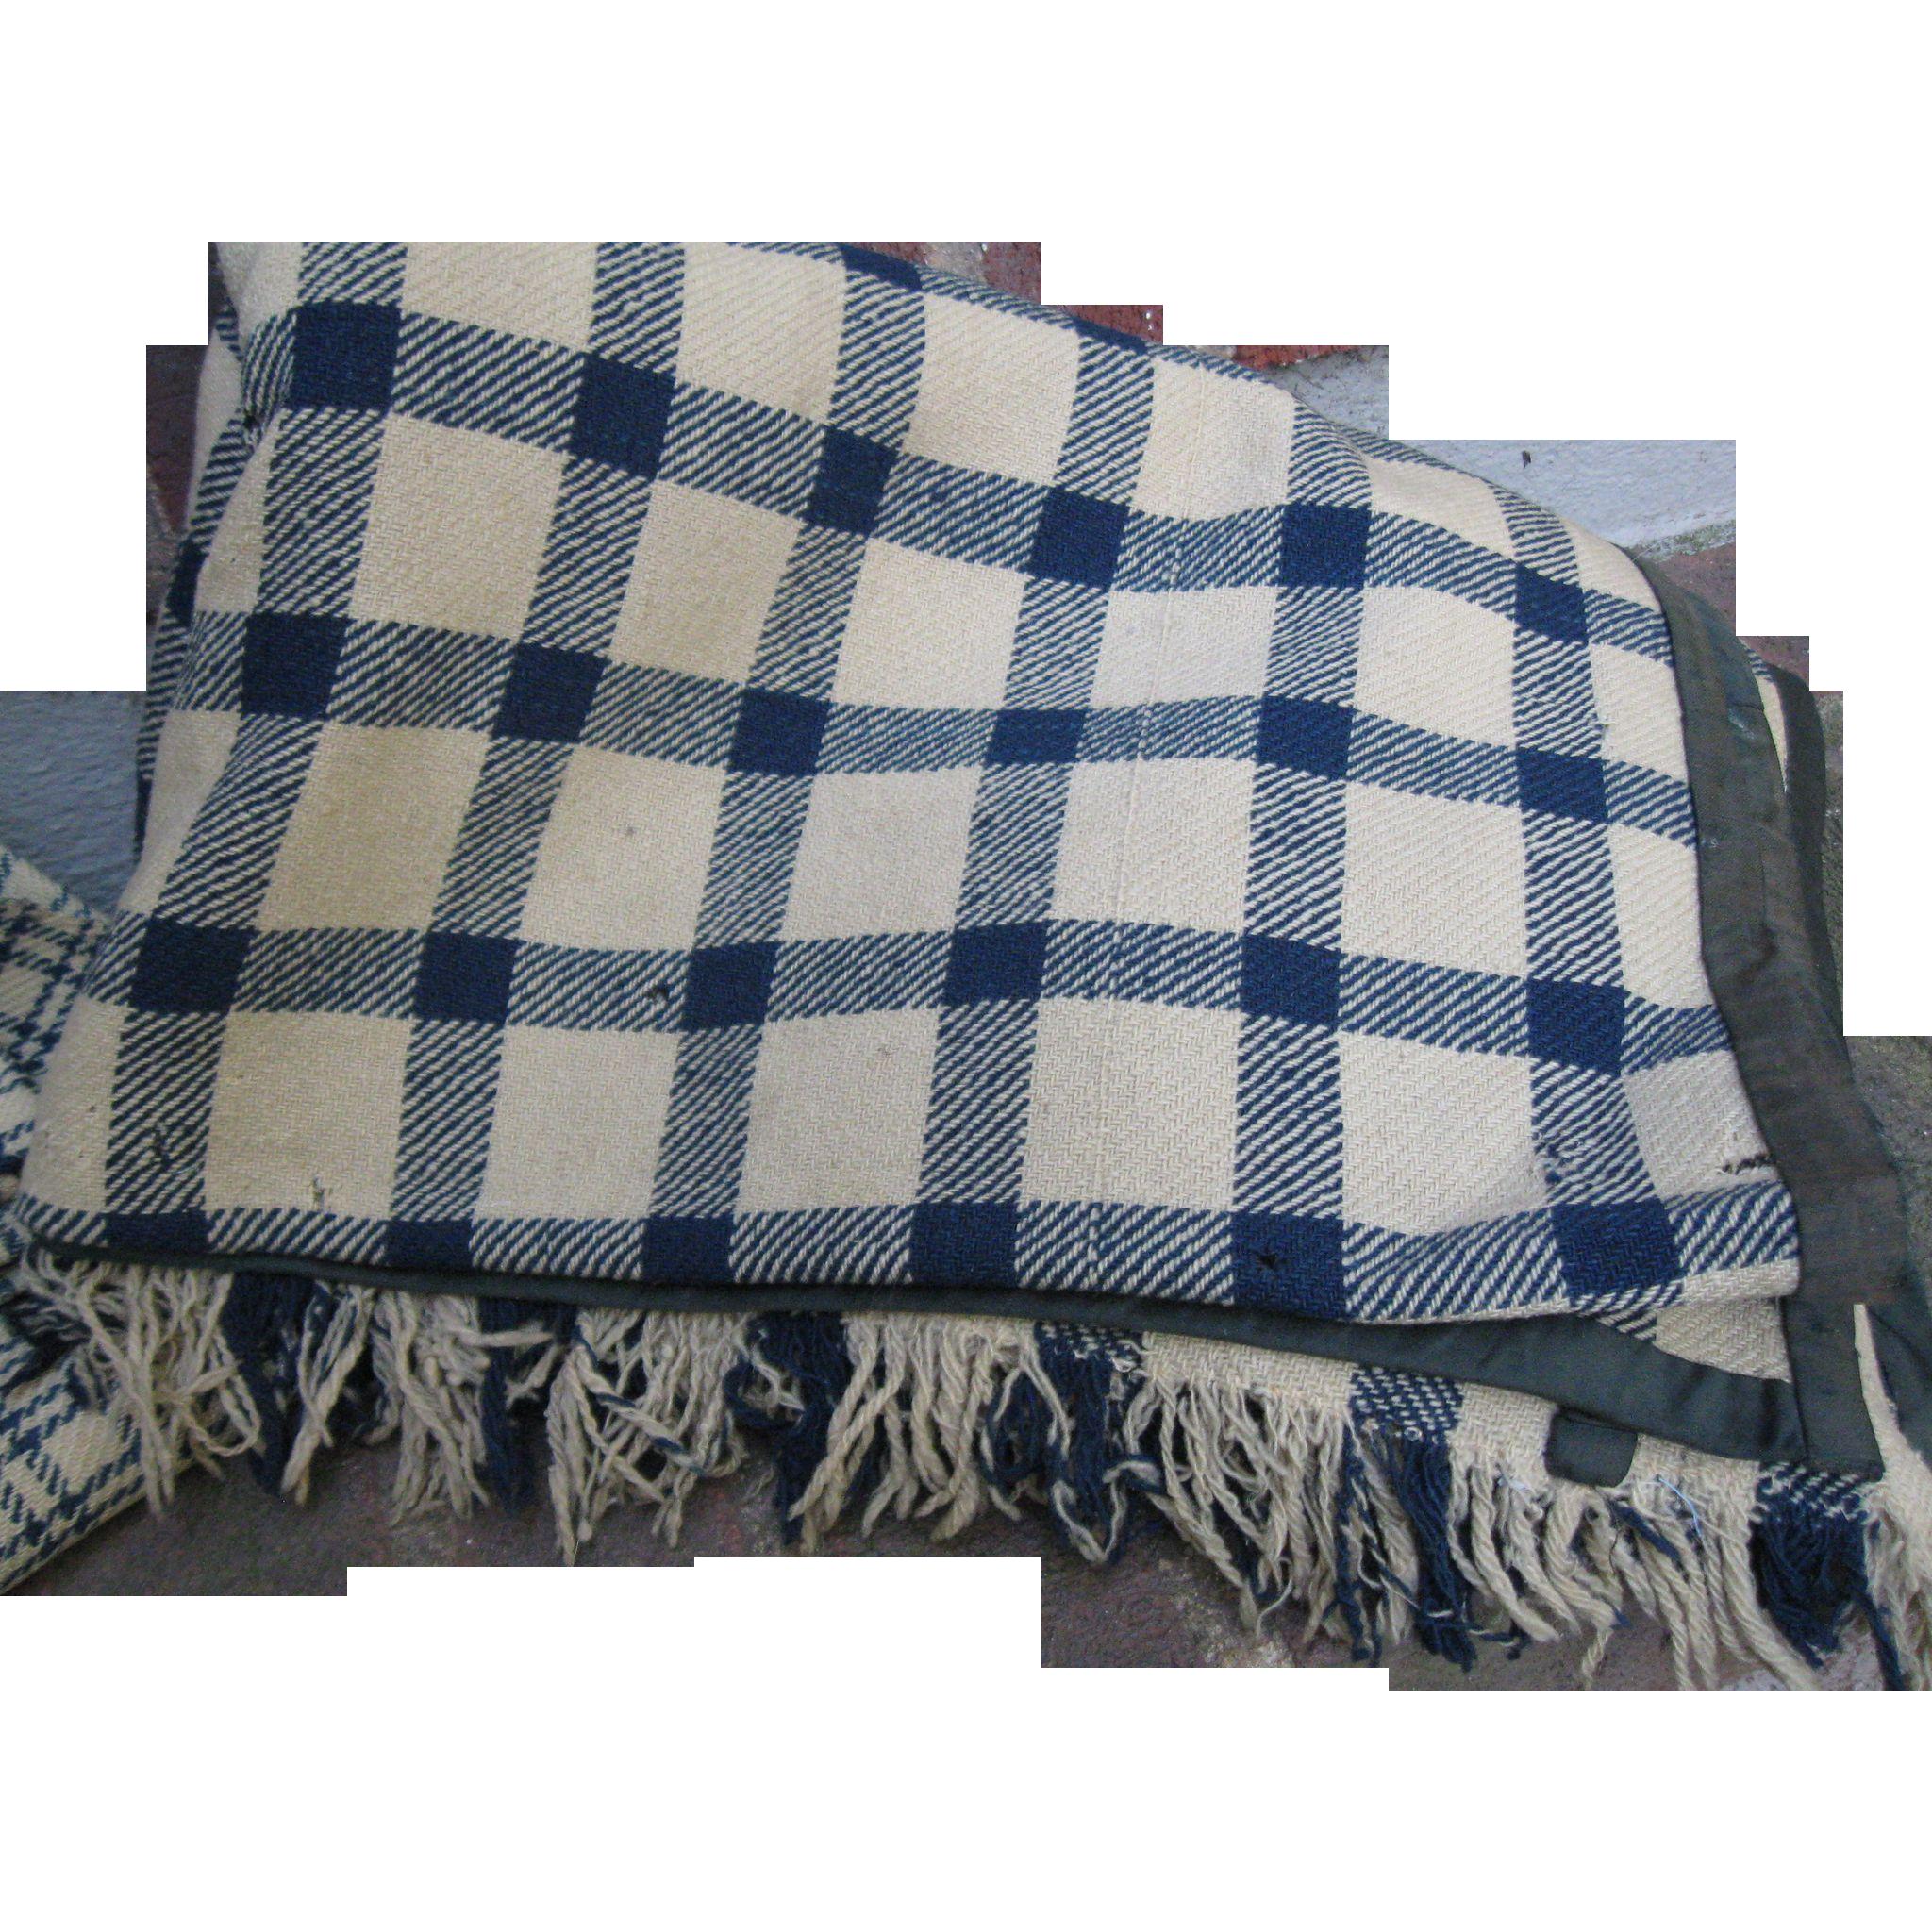 Early Antique Wool Homespun Blanket, Blue/Tan,Fringe, PA